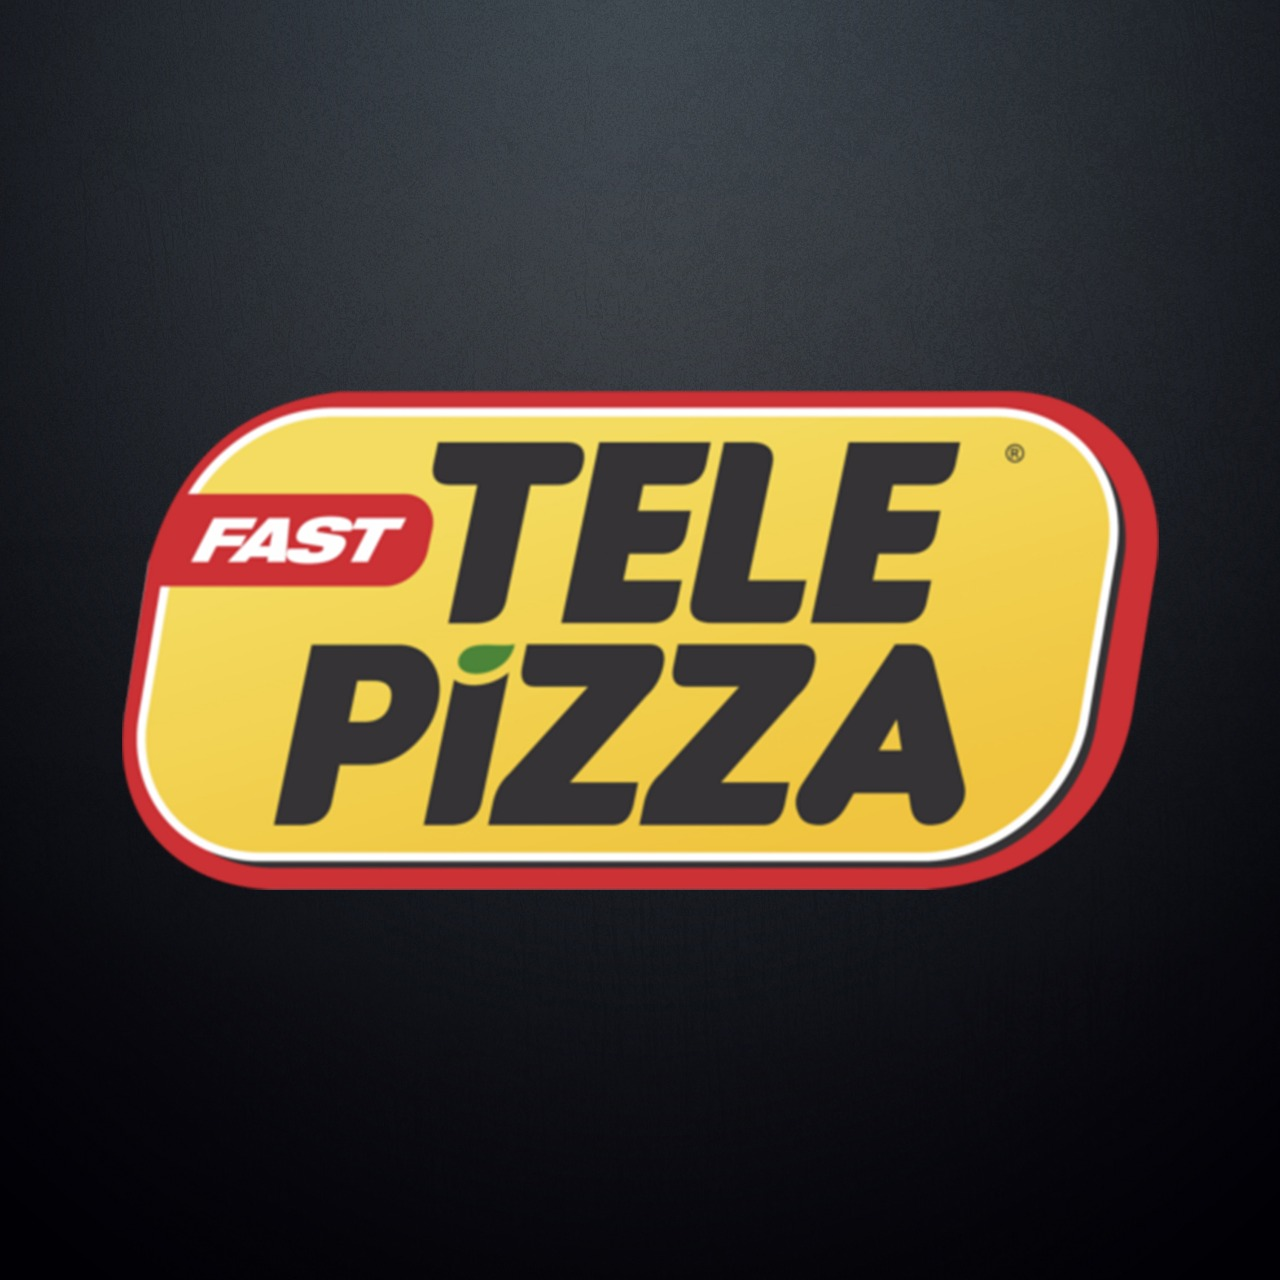 Logo_tipo_fast_tele_pizza